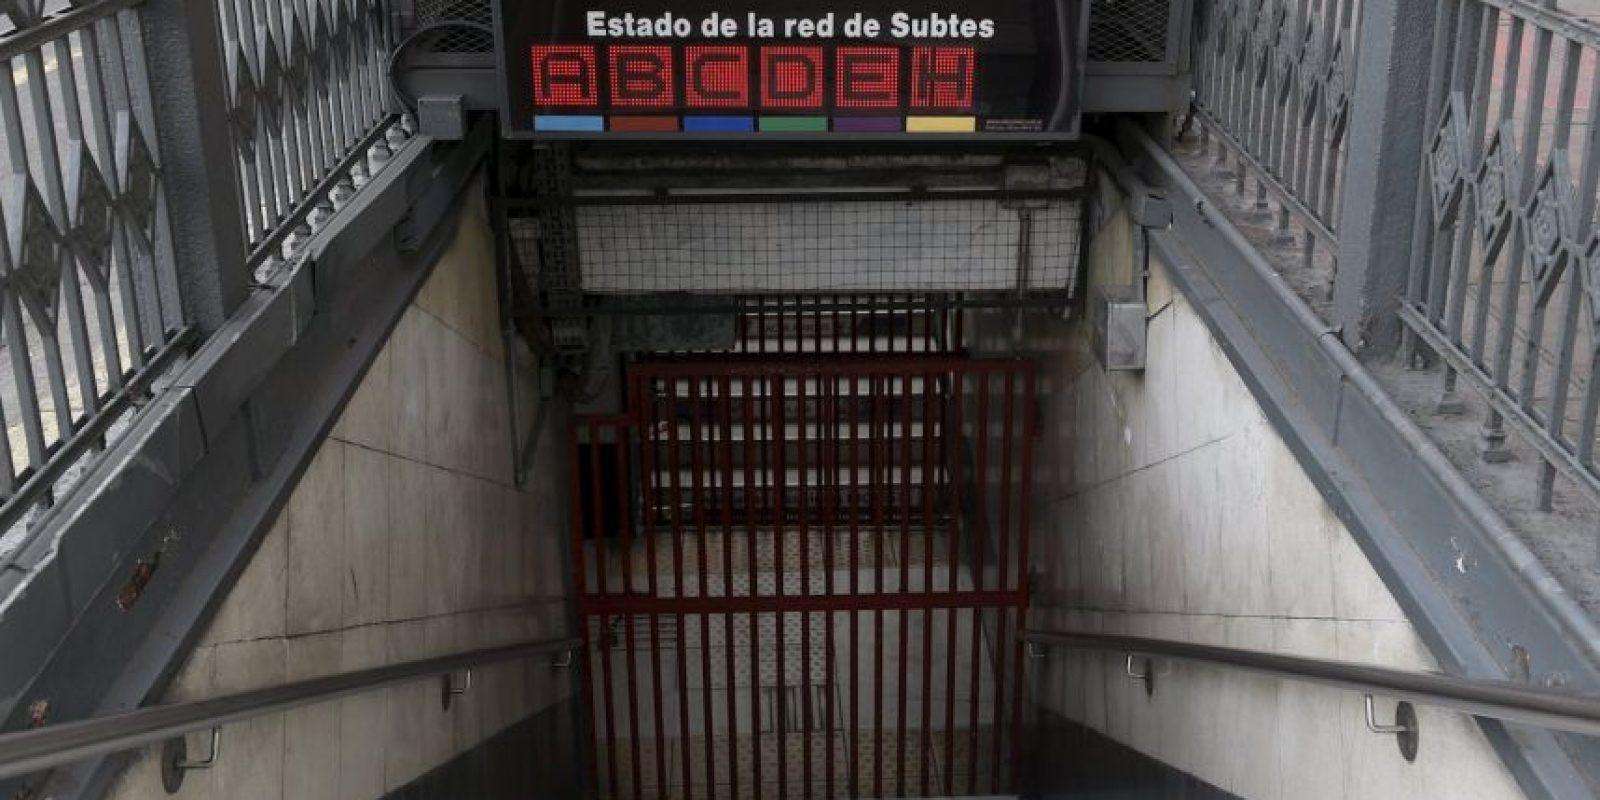 El anuncio indica que las instalaciones estarán cerradas hasta el término de la huelga. Foto:AFP